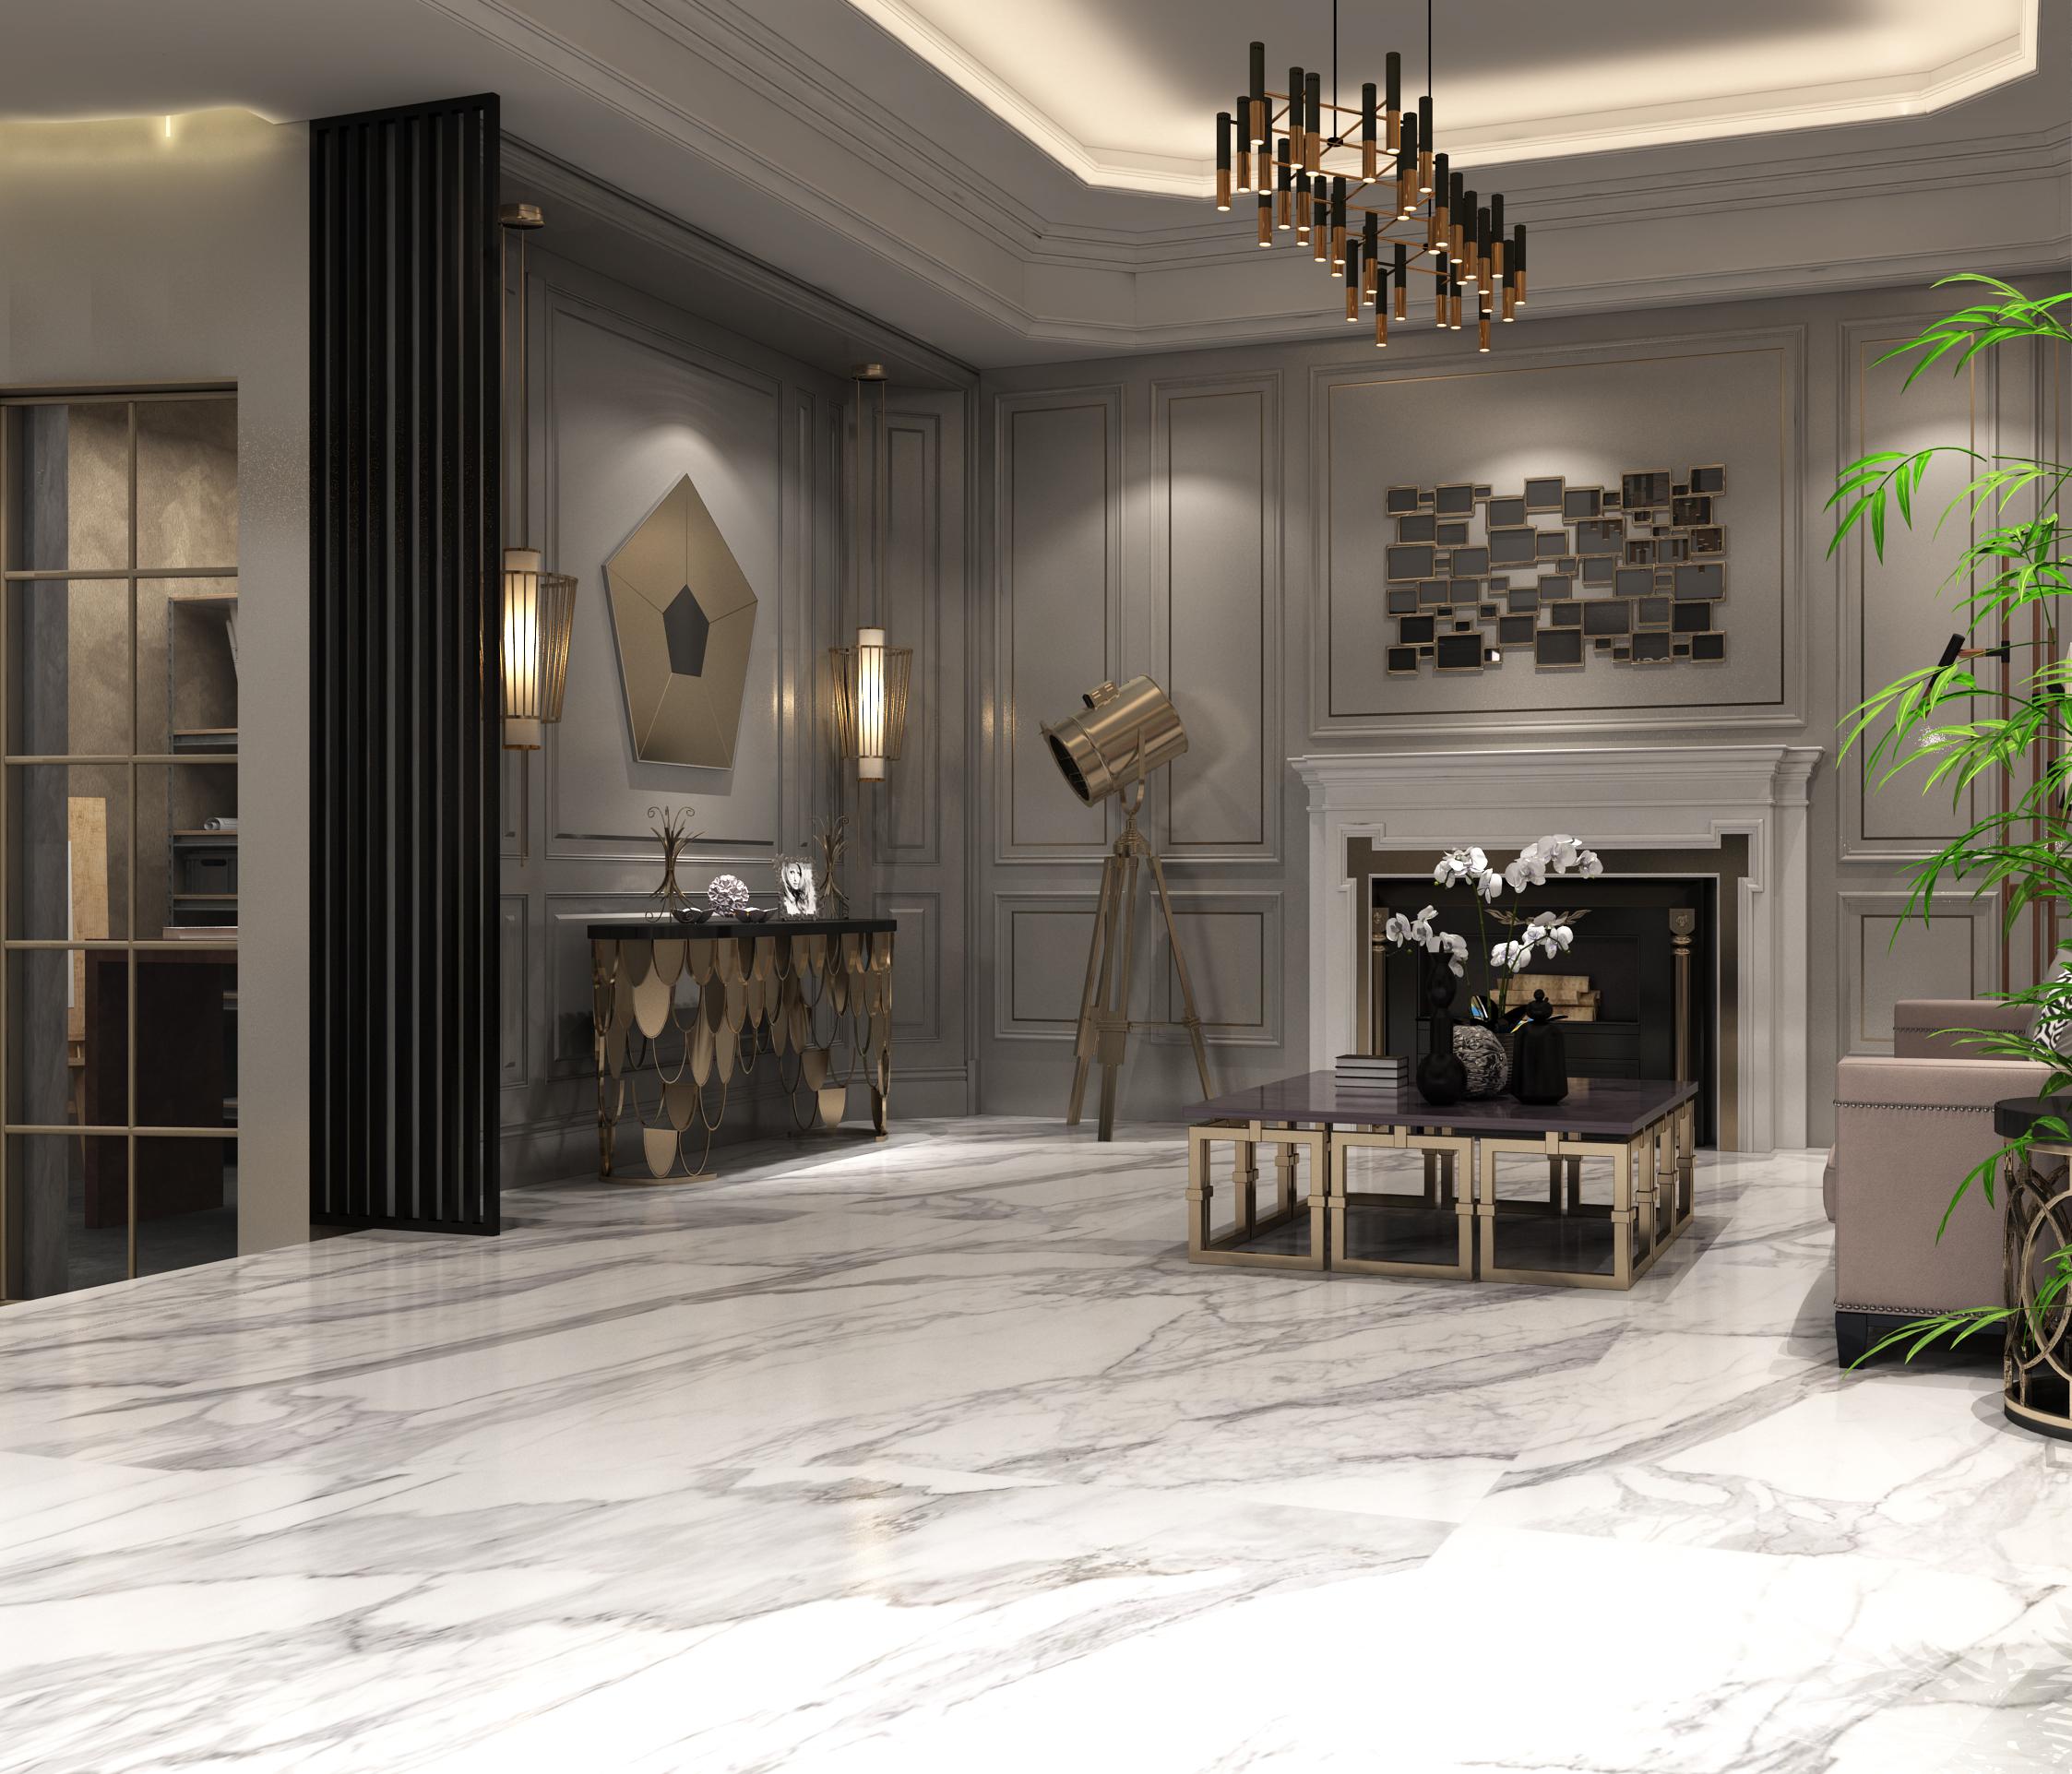 【壹景】室内设计,个性展厅,多功能展厅设计,材料展厅效果图.